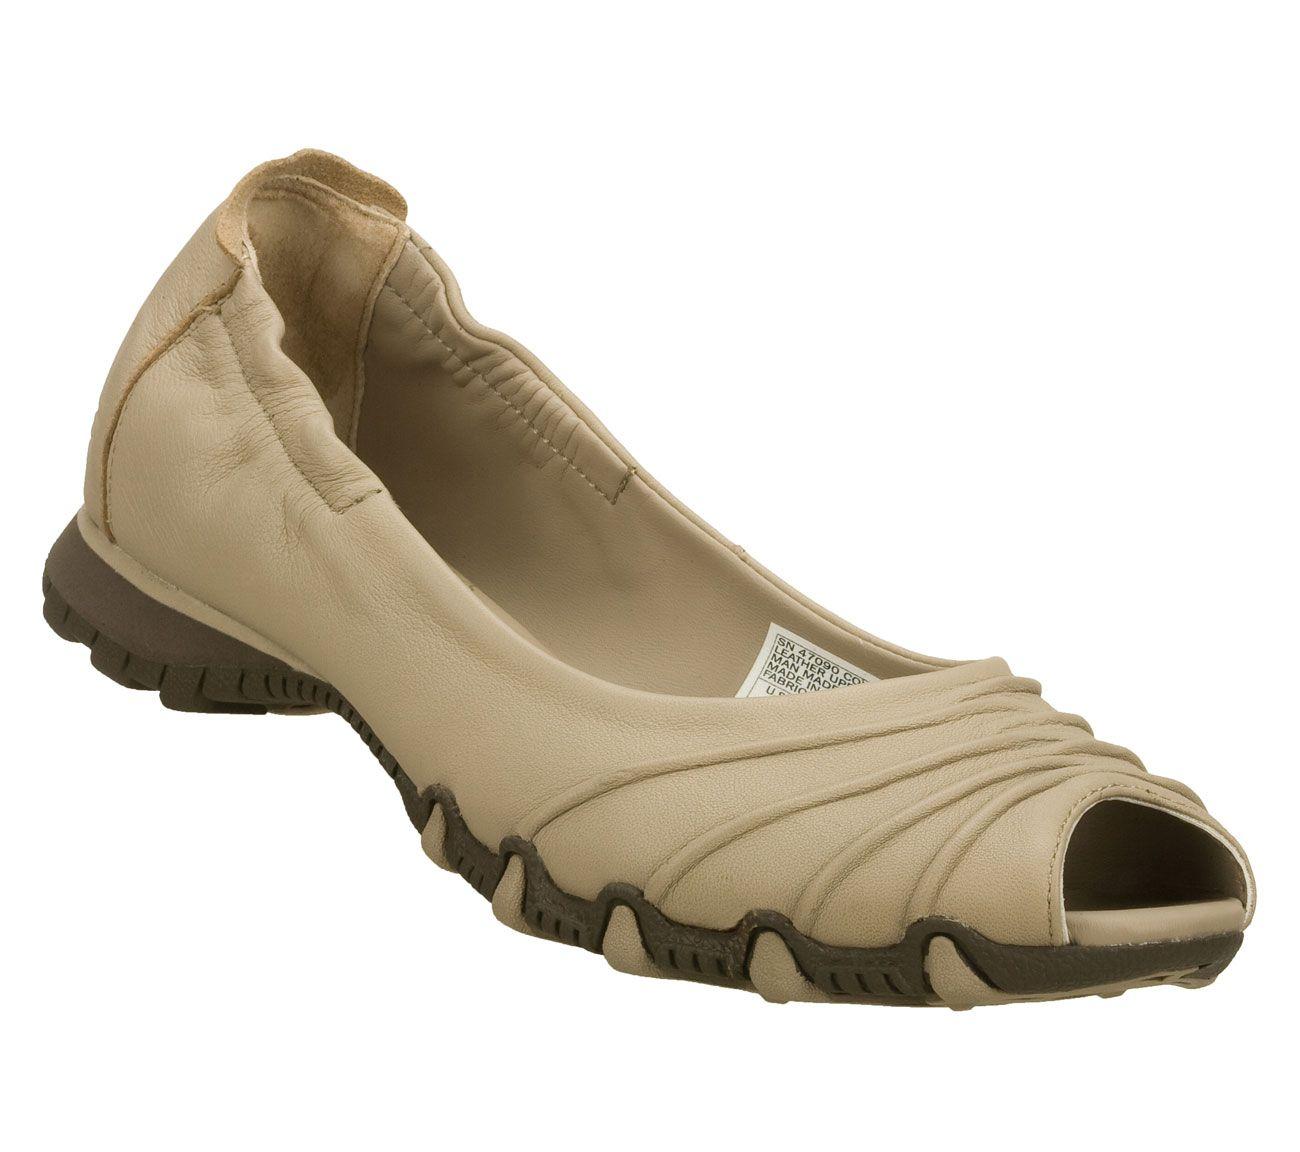 Skechers Flat Dress Shoes for Women